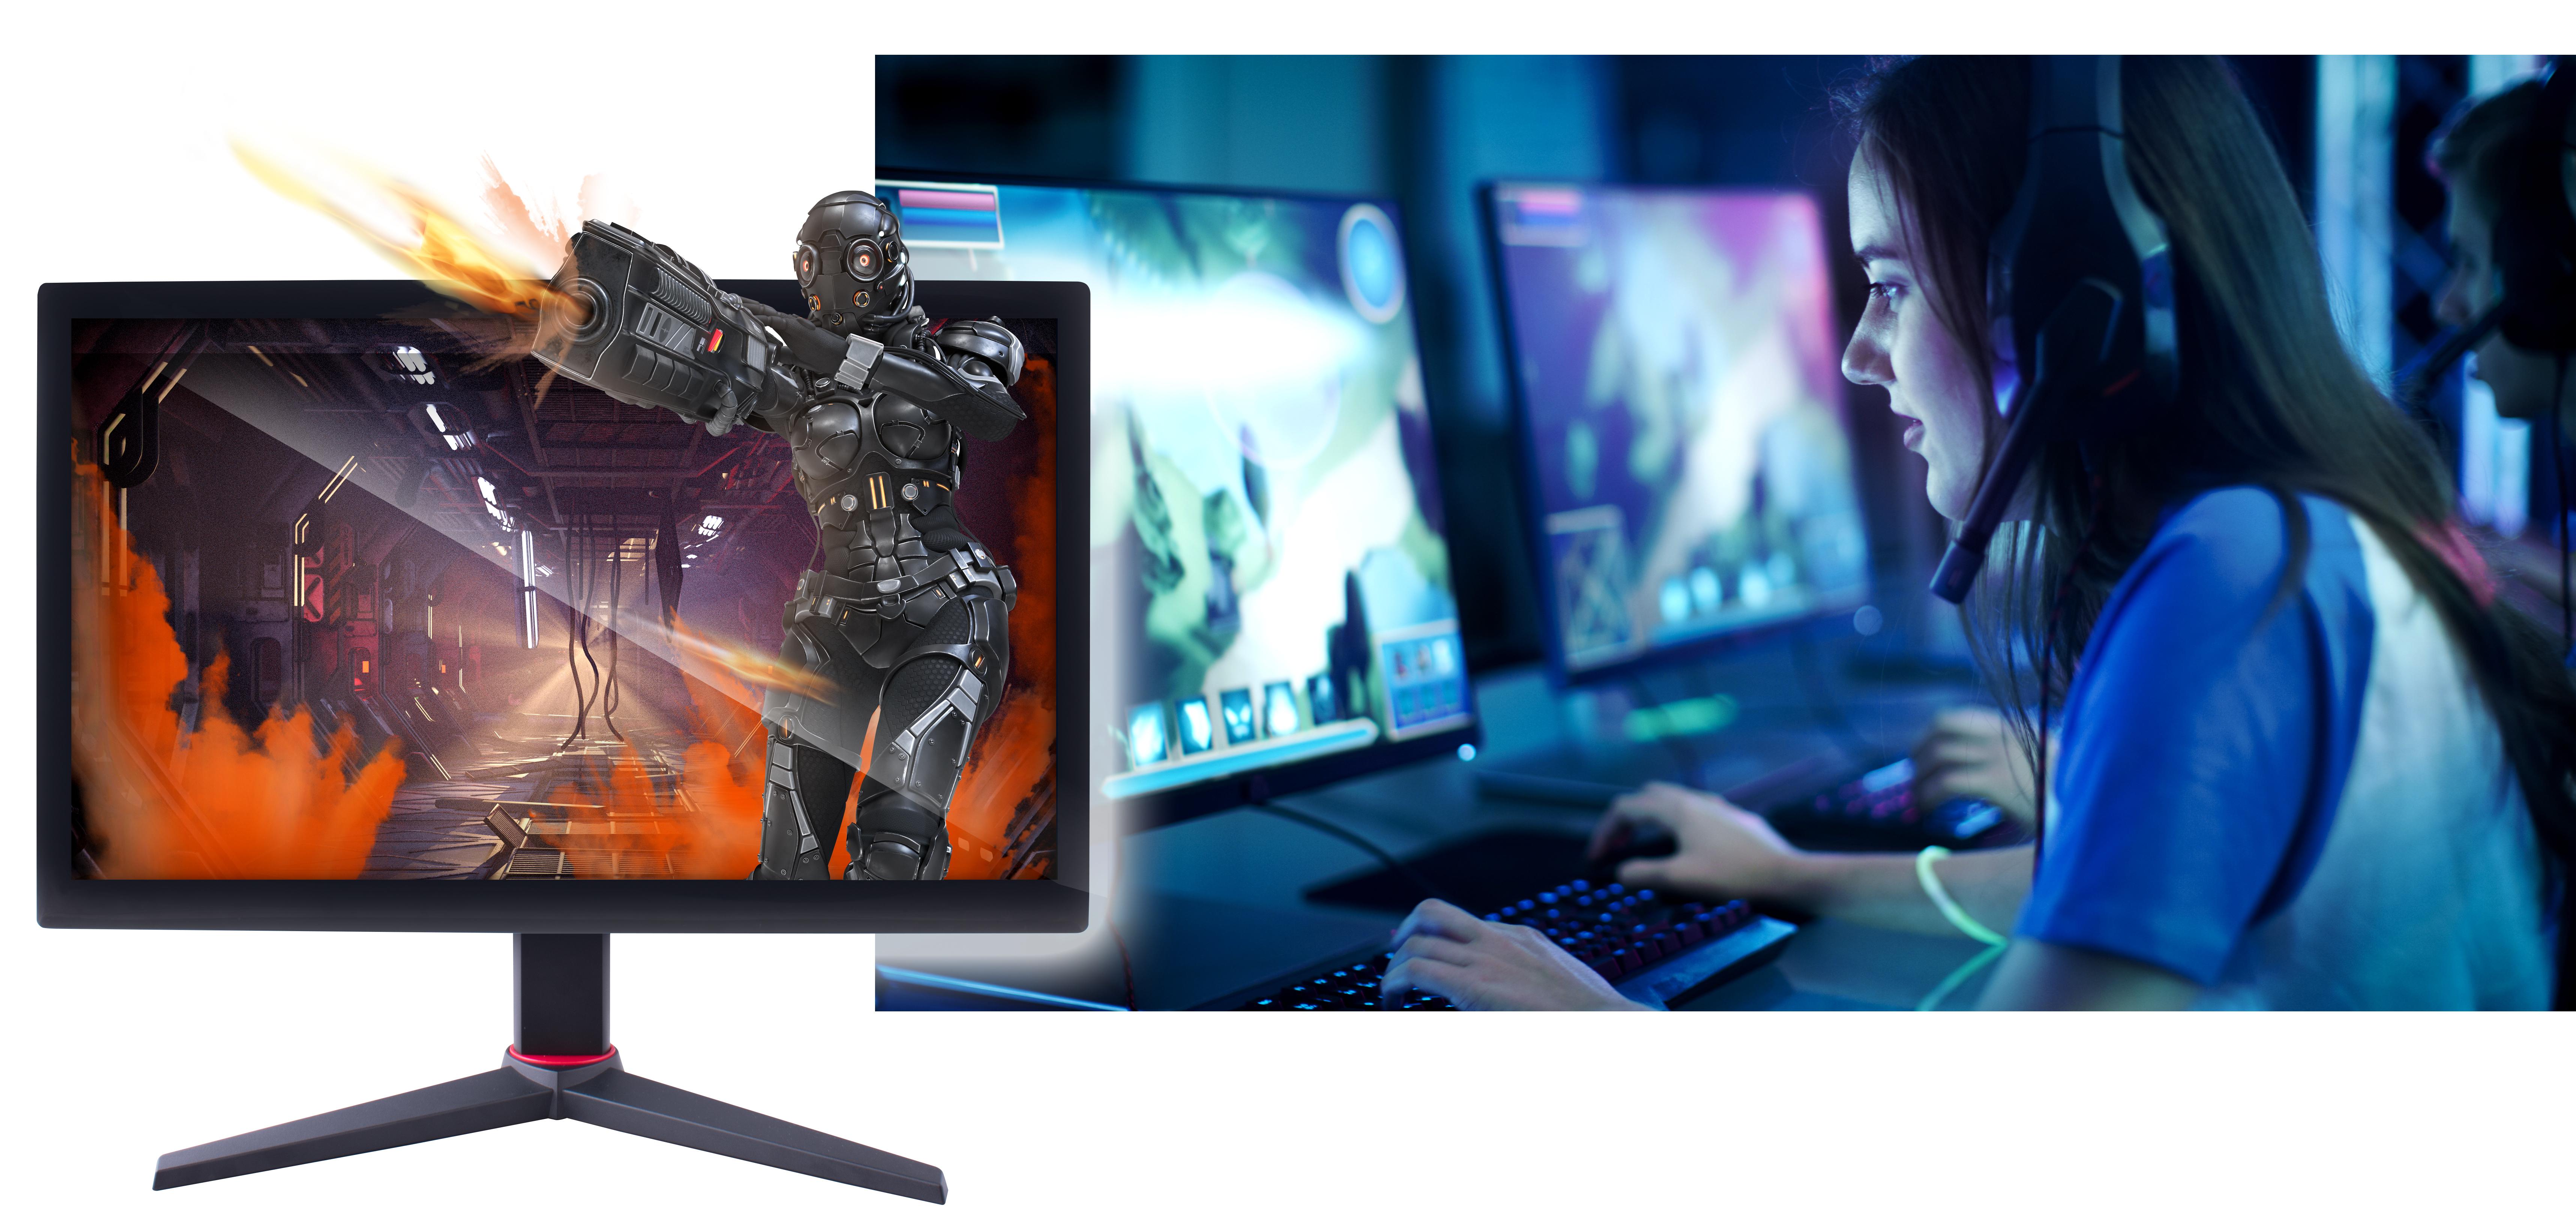 gamer image.jpg